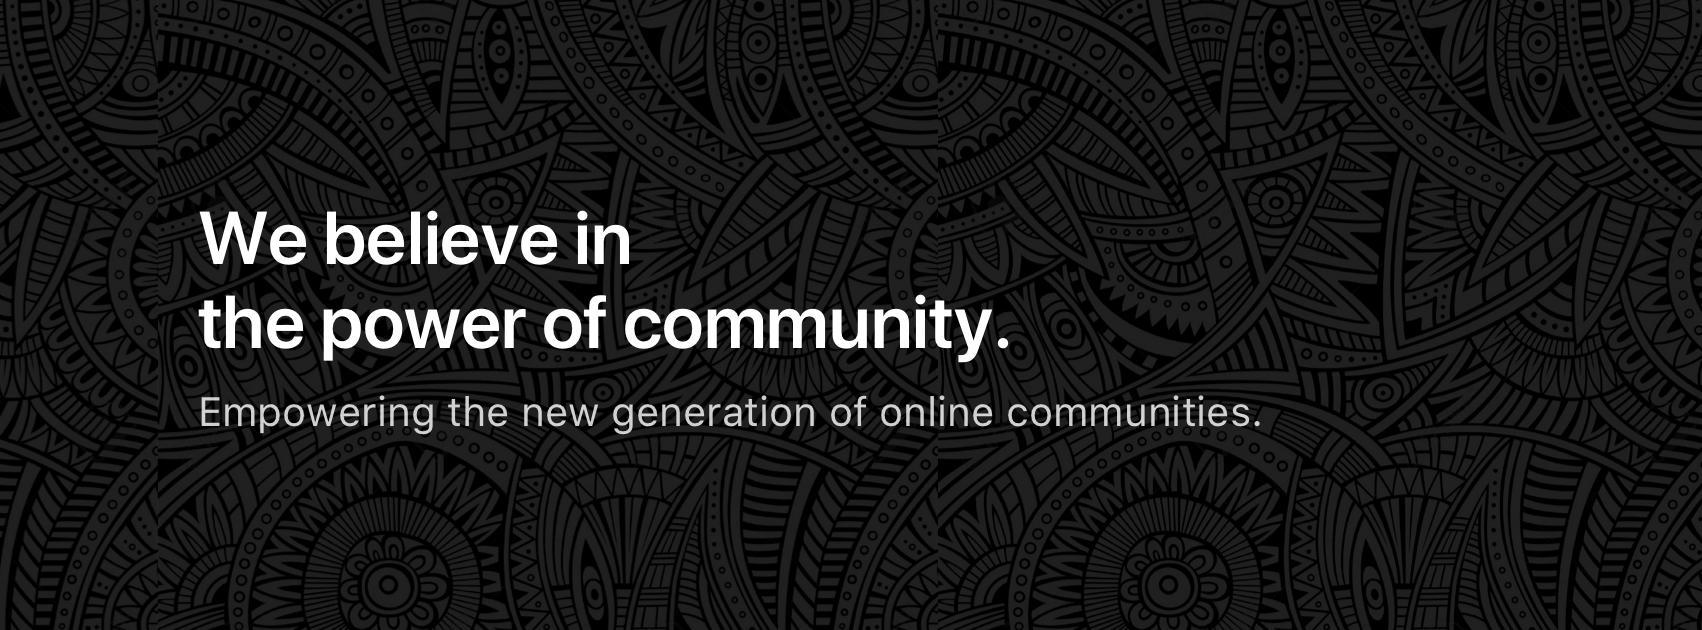 Bewertungen Tribe Community Platform: Anpassbare Plattform zum Erstellen von Online-Communities - Appvizer